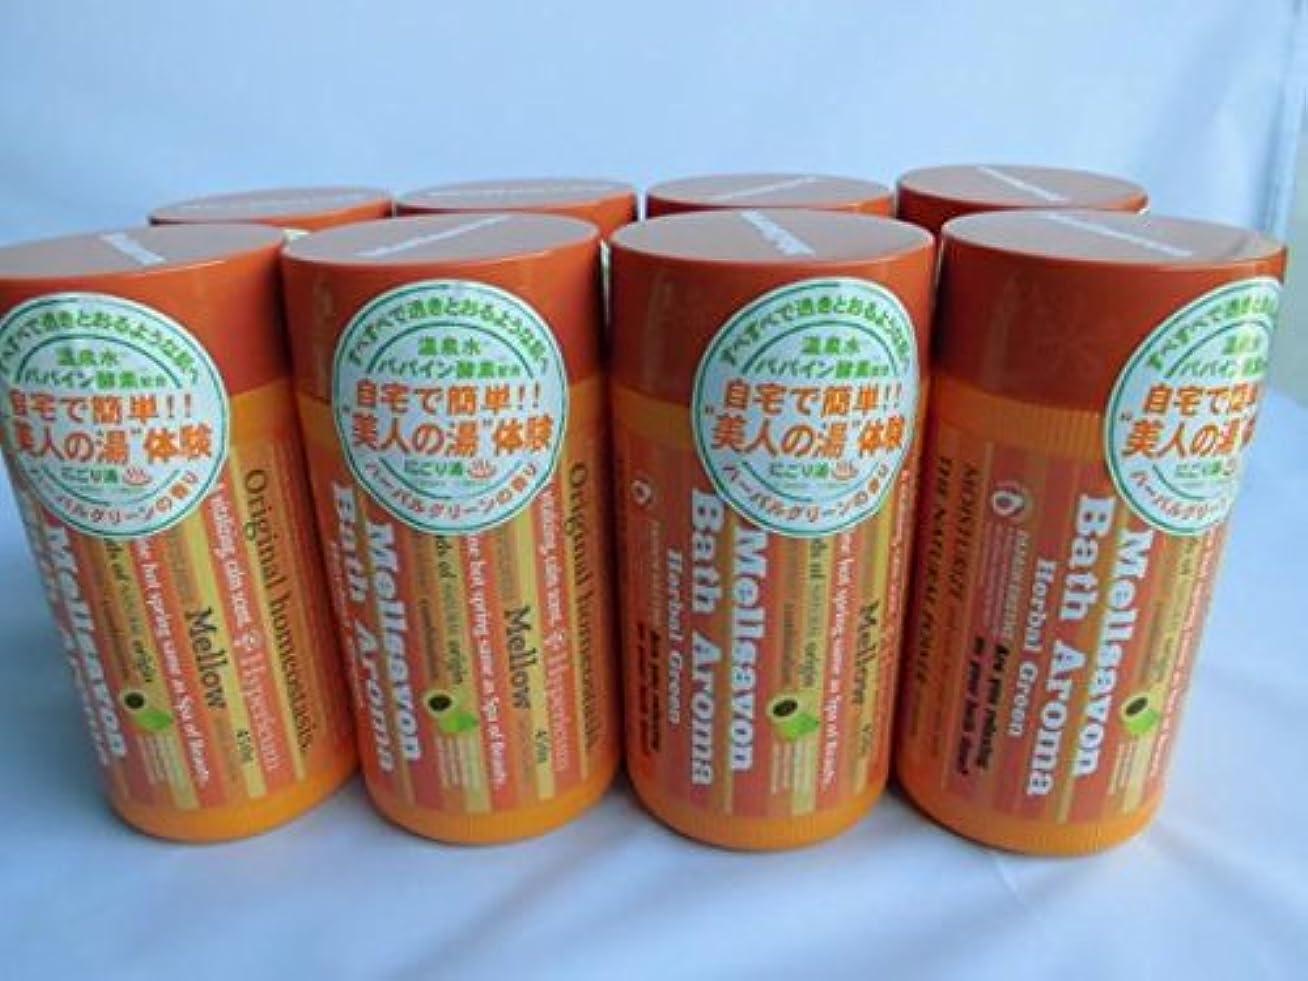 遠え慰めジョグ【8個セット】 [メルサボン]アロマ入浴剤(ハーバルグリーン)450g 【8個セット】